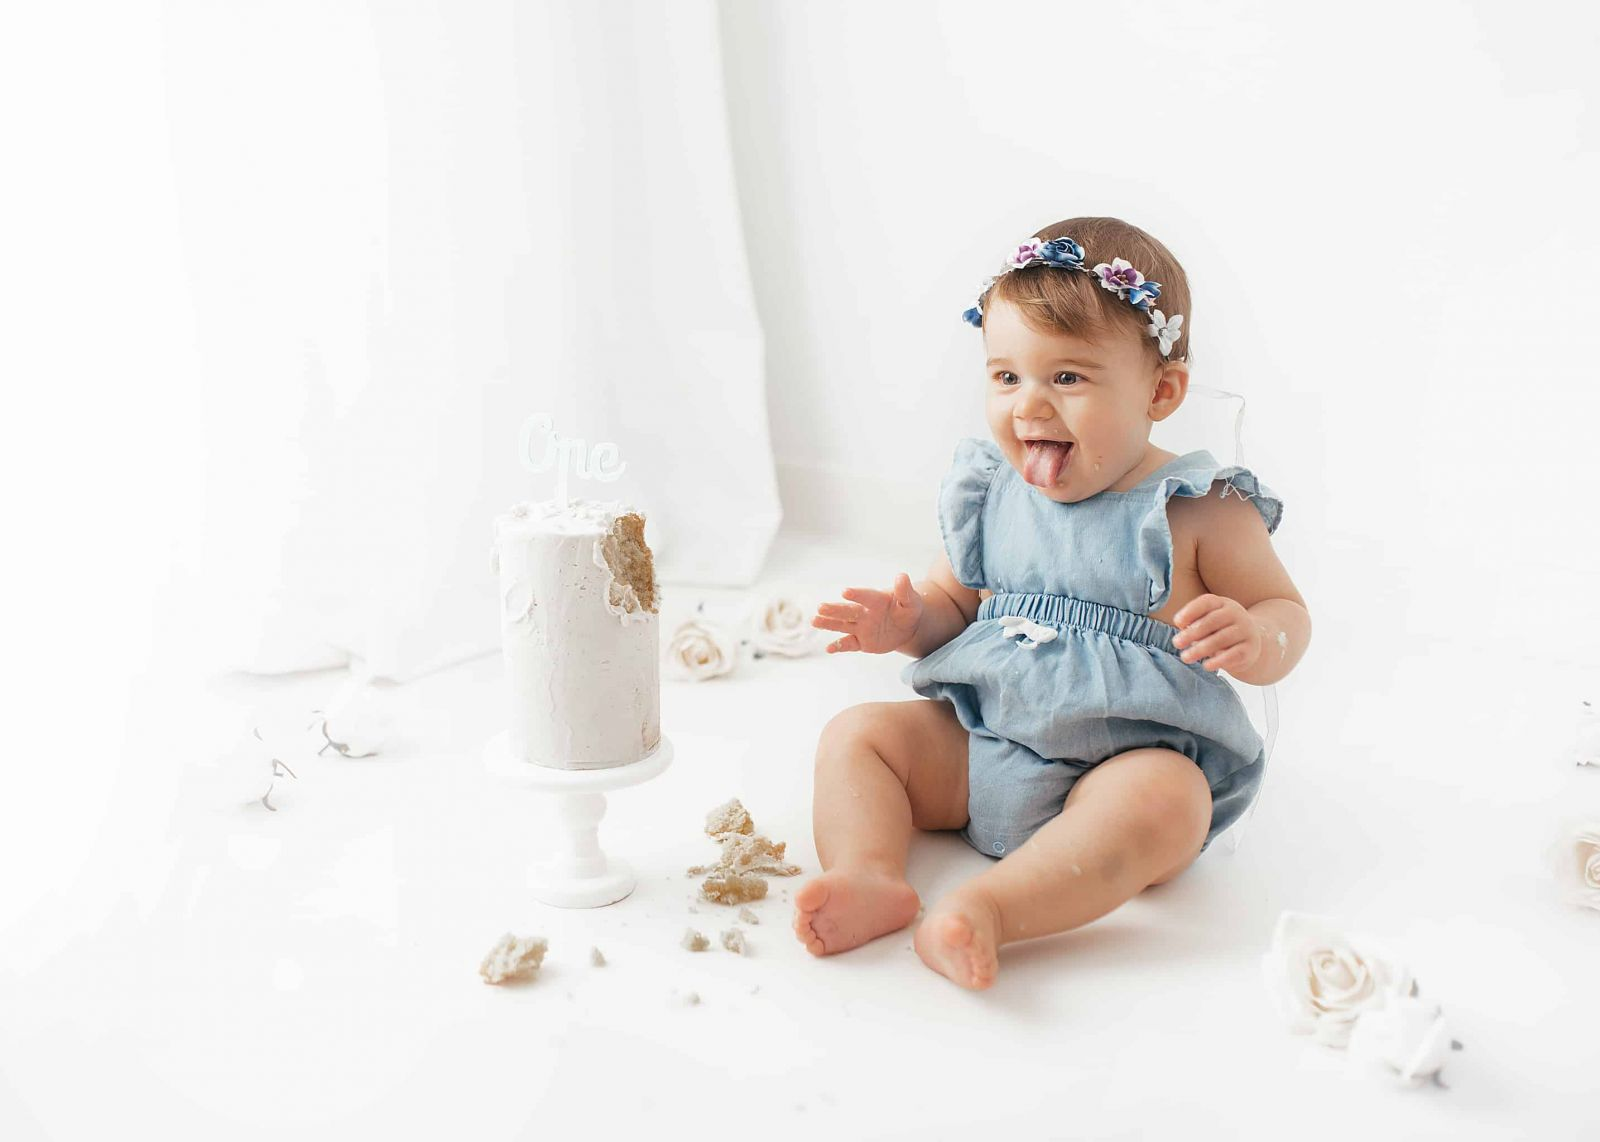 newborn-cake-smash-birthday-photoshoot-photography-photographer-poole-dorset-bournemouth